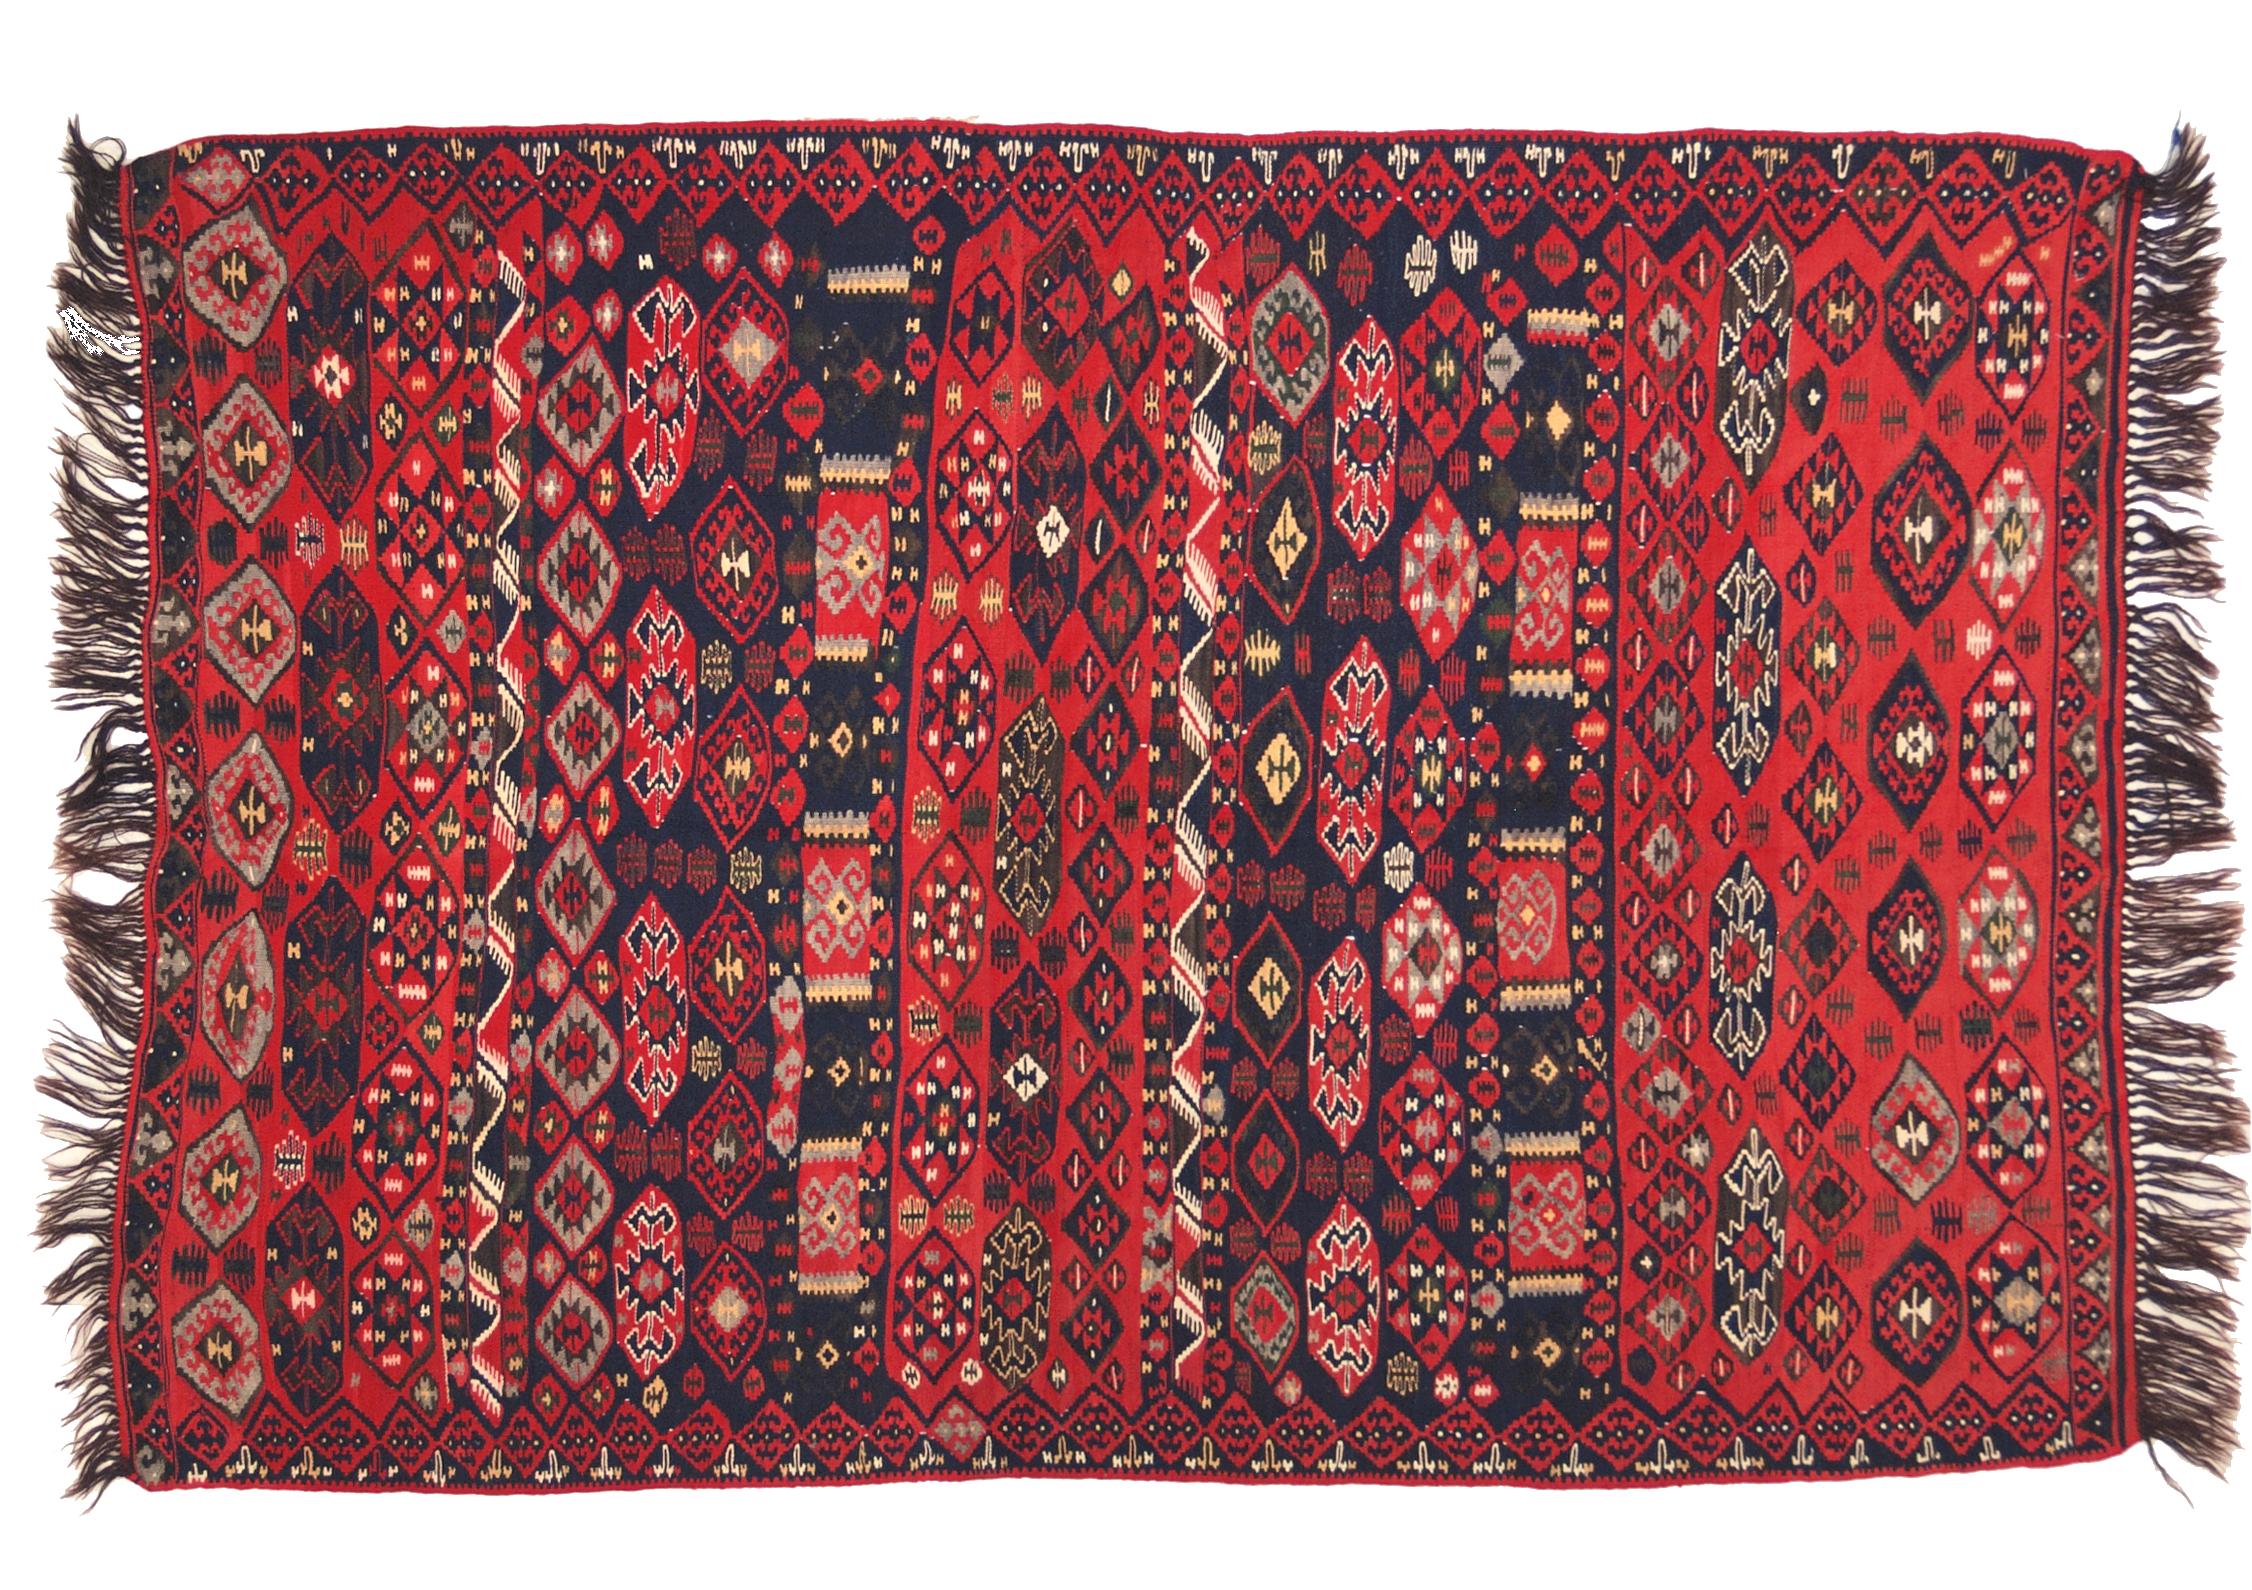 Tappeti Kilim Afgani : Van kilim anatolico antico ordito in lana morandi tappeti